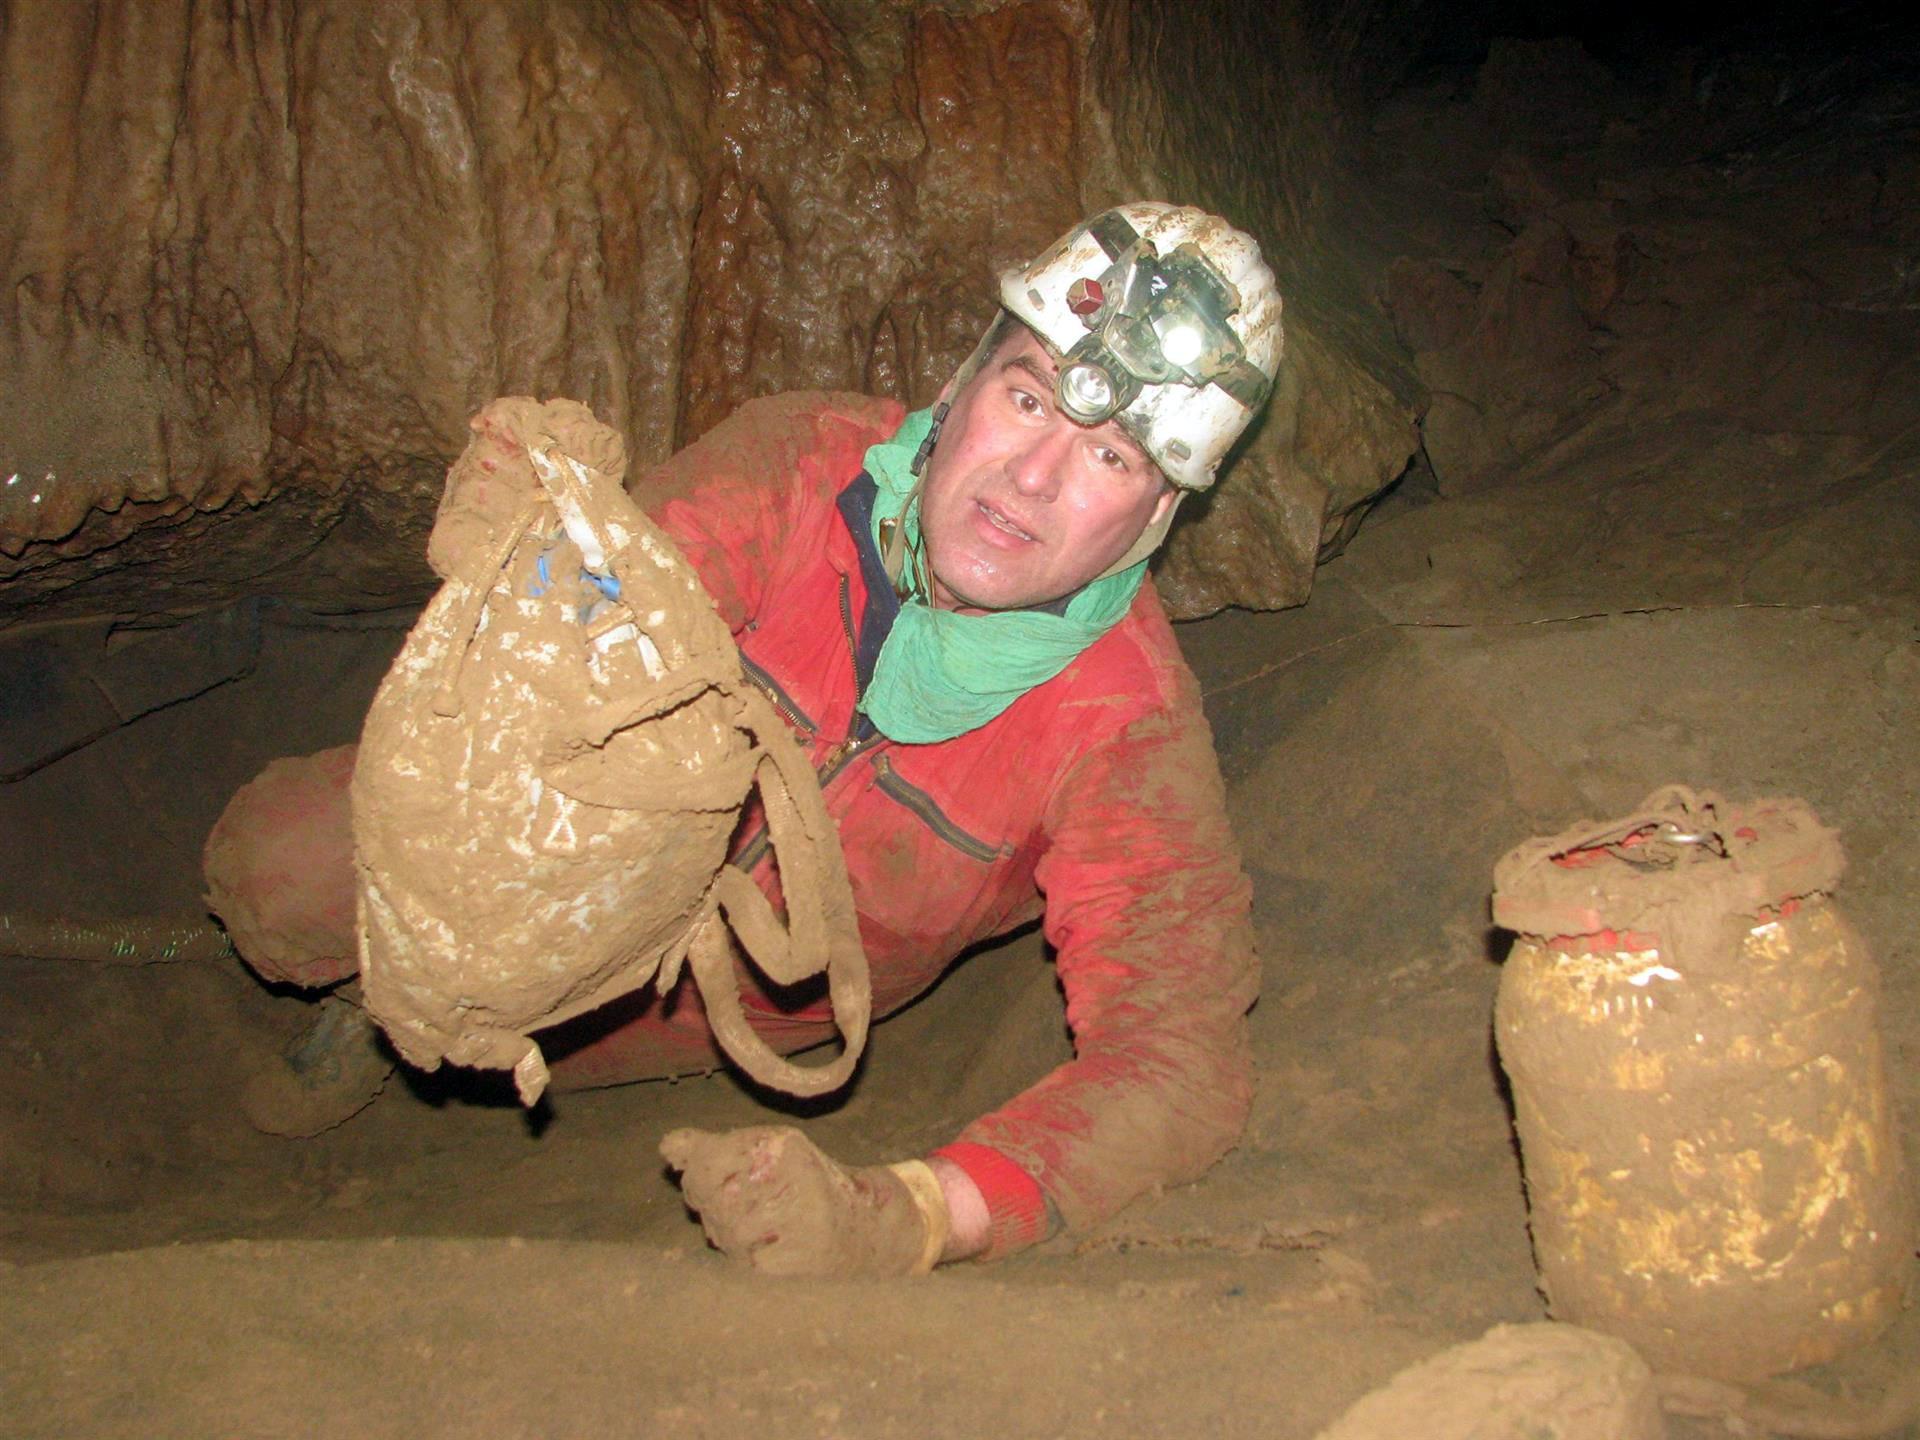 Der höhlenerfahrene Notarzt Michael Petermeyer verstärkt seit Dienstag das Einsatzteam in Berchtesgaden. Er ist einer von drei Ärzten, die bei einer europaweiten Suche gefunden wurden und fähig sind, in die Riesending-Schachthöhle zu steigen – die tiefste und extremste Höhle Deutschlands.